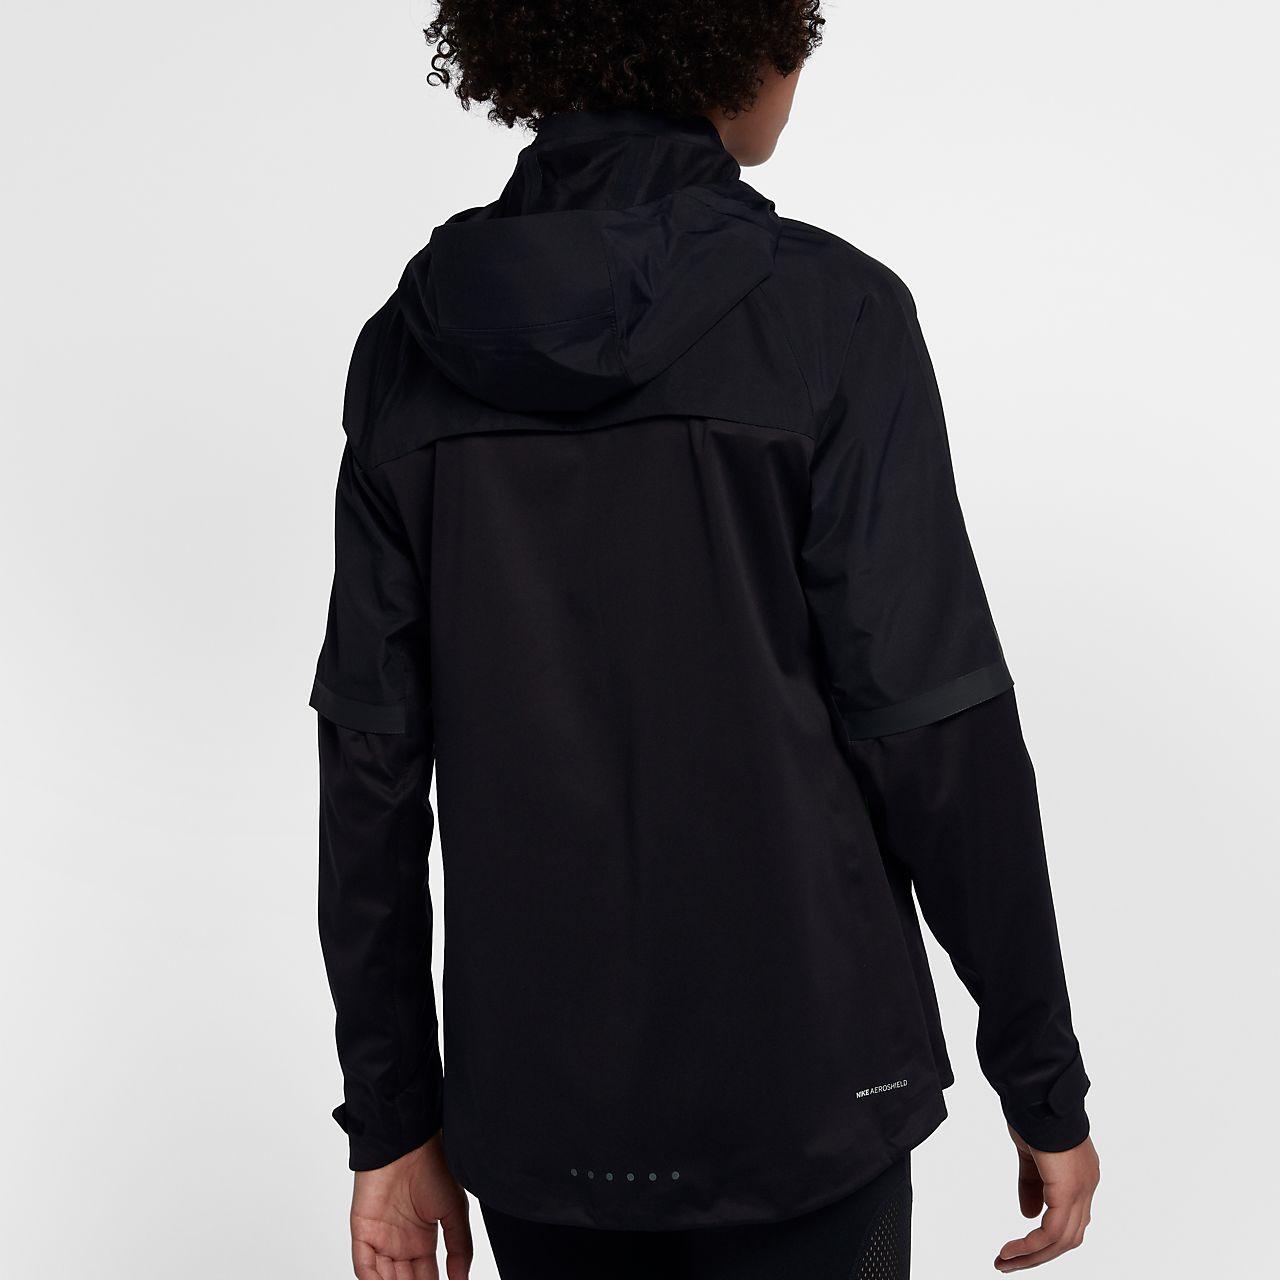 veste de running nike aeroshield pour femme fr. Black Bedroom Furniture Sets. Home Design Ideas